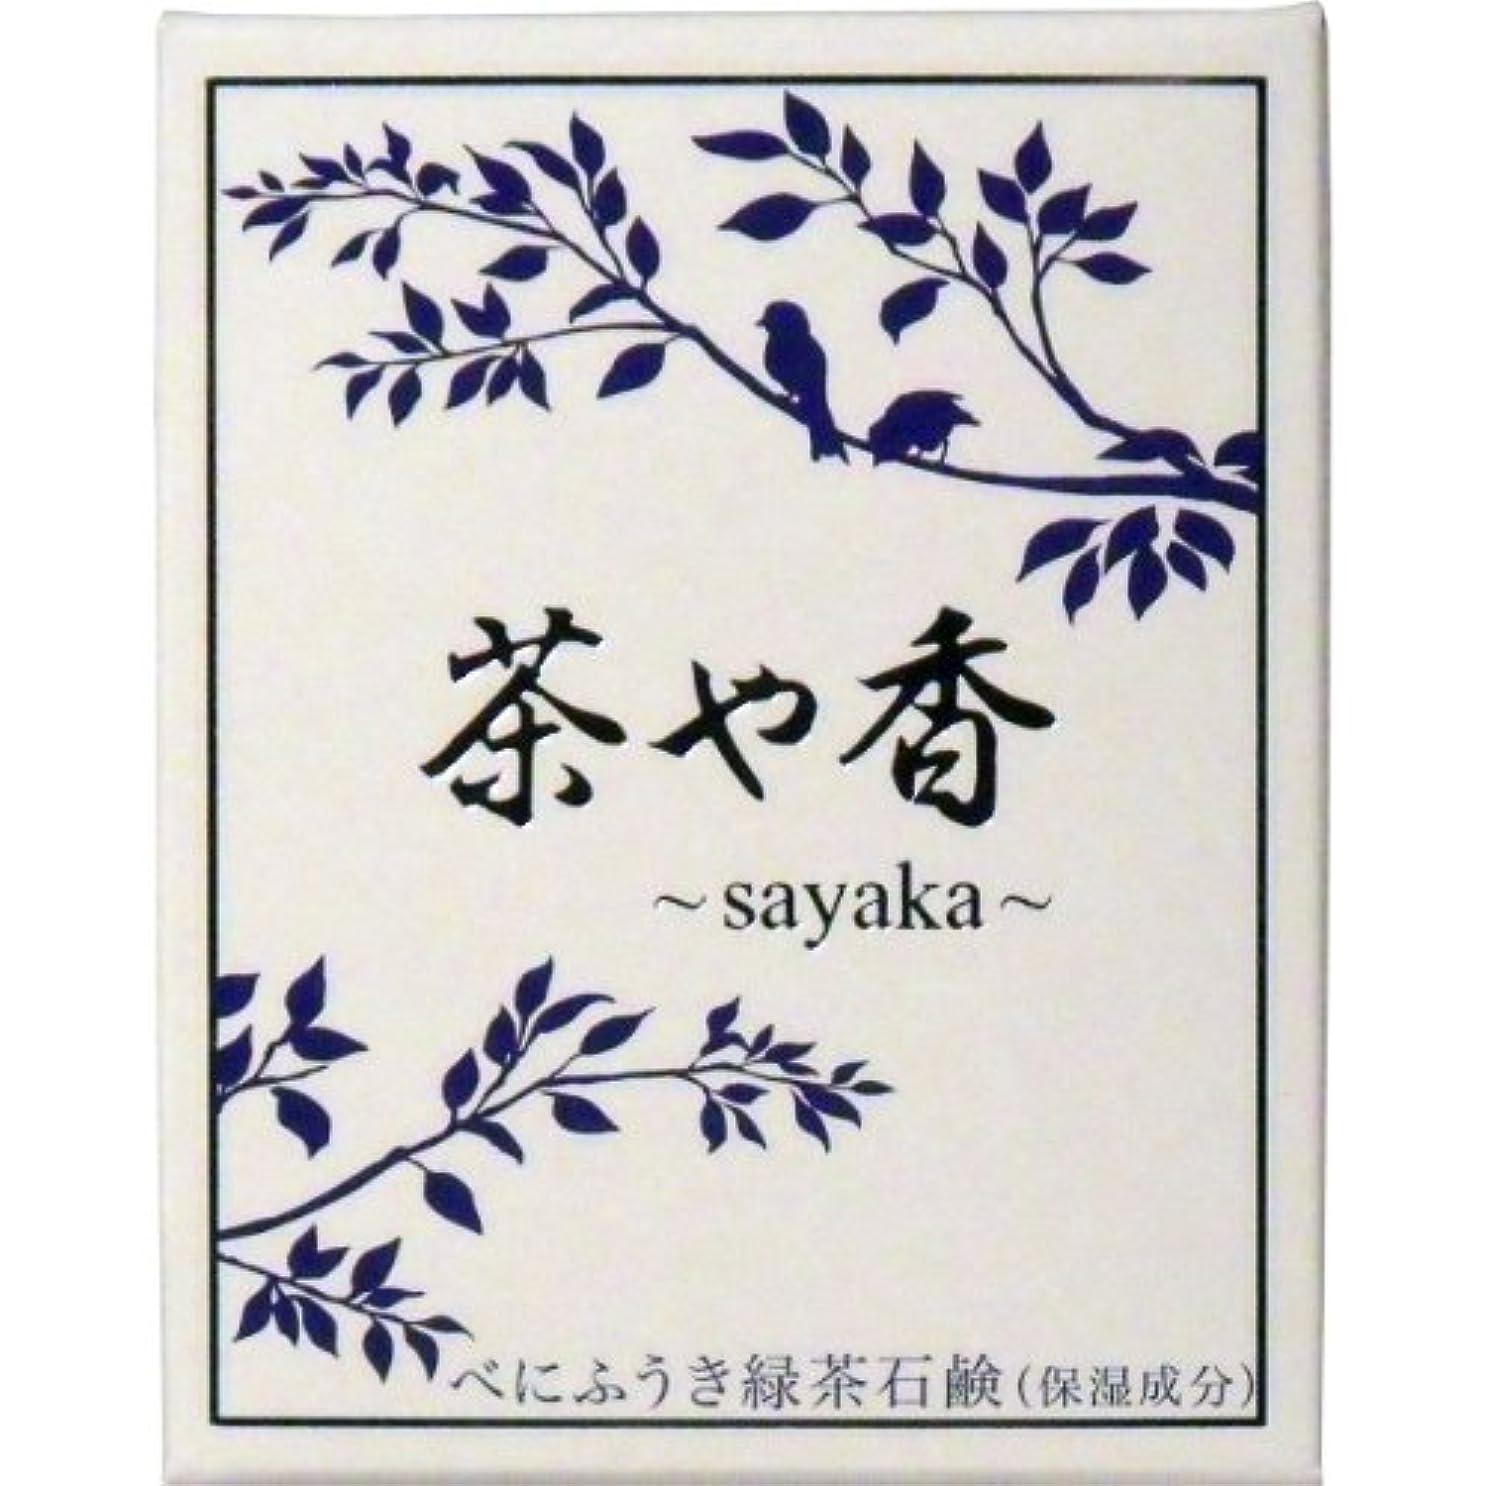 教育者地下鉄シャイ茶や香 -sayaka- べにふうき緑茶石鹸 100g入